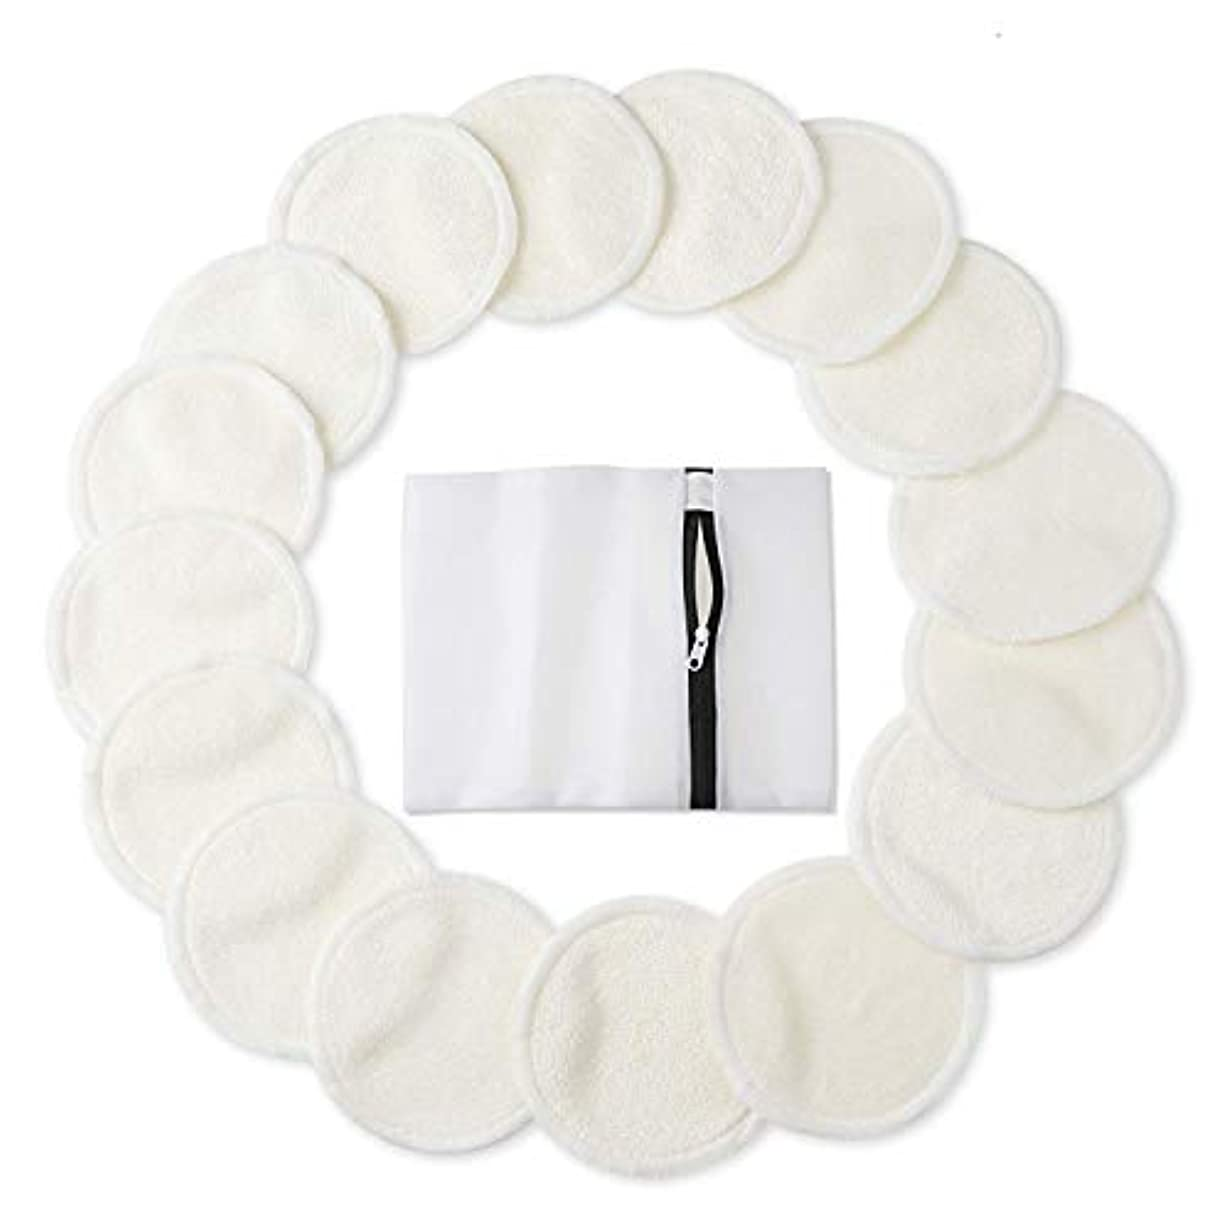 パンダ批判お風呂を持っているPhogary 竹 メイクアップリムーバーパッドアイメイク削除顔用ランドリーバッグ洗える洗顔布で再利用可能な有機竹コットンラウンドワイプ3.15 2層